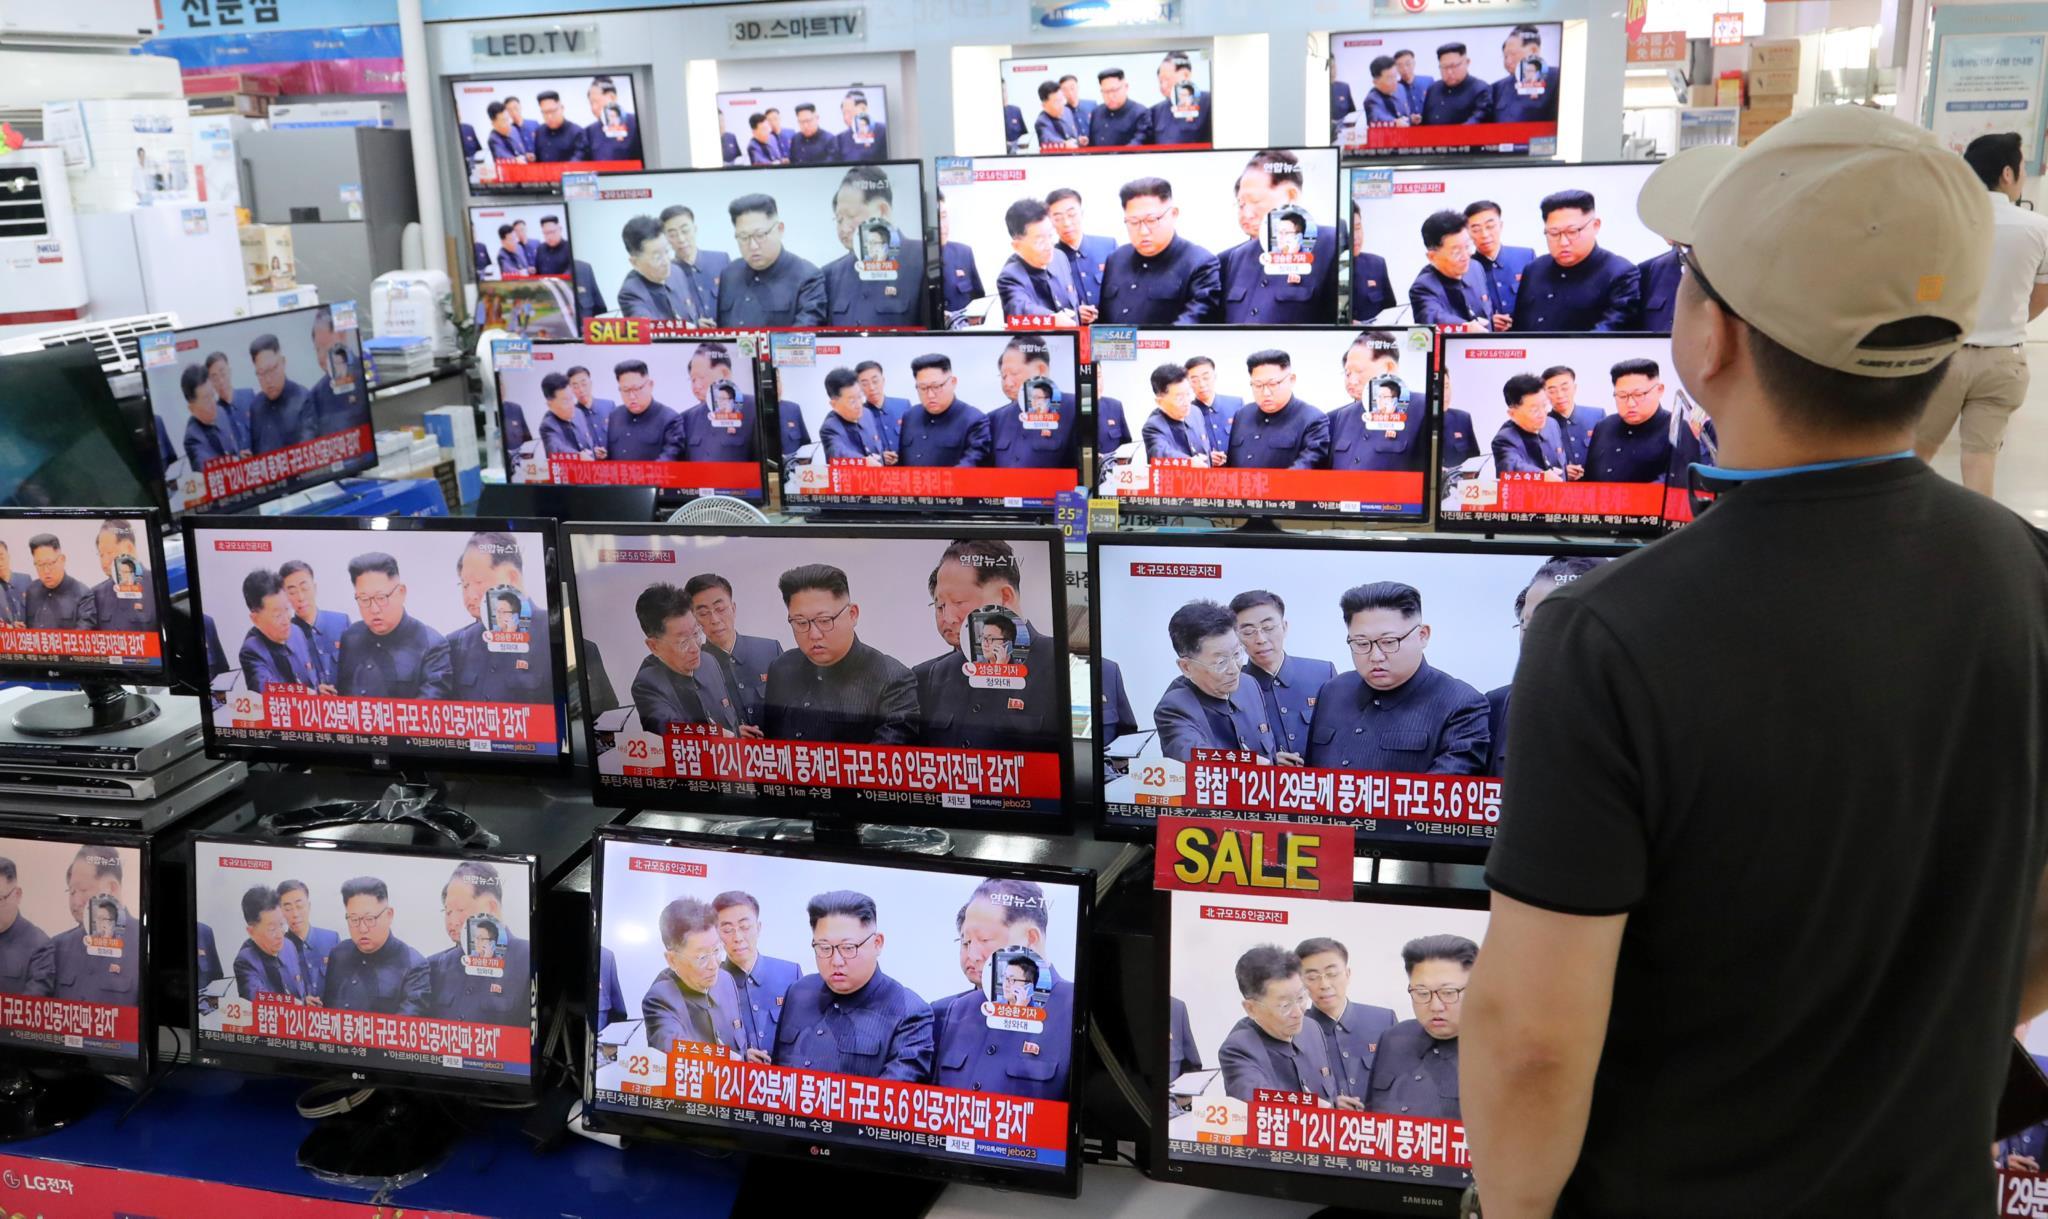 Um homem observa vários televisores numa loja de electrodomésticos em Seul, na Coreia do Sul